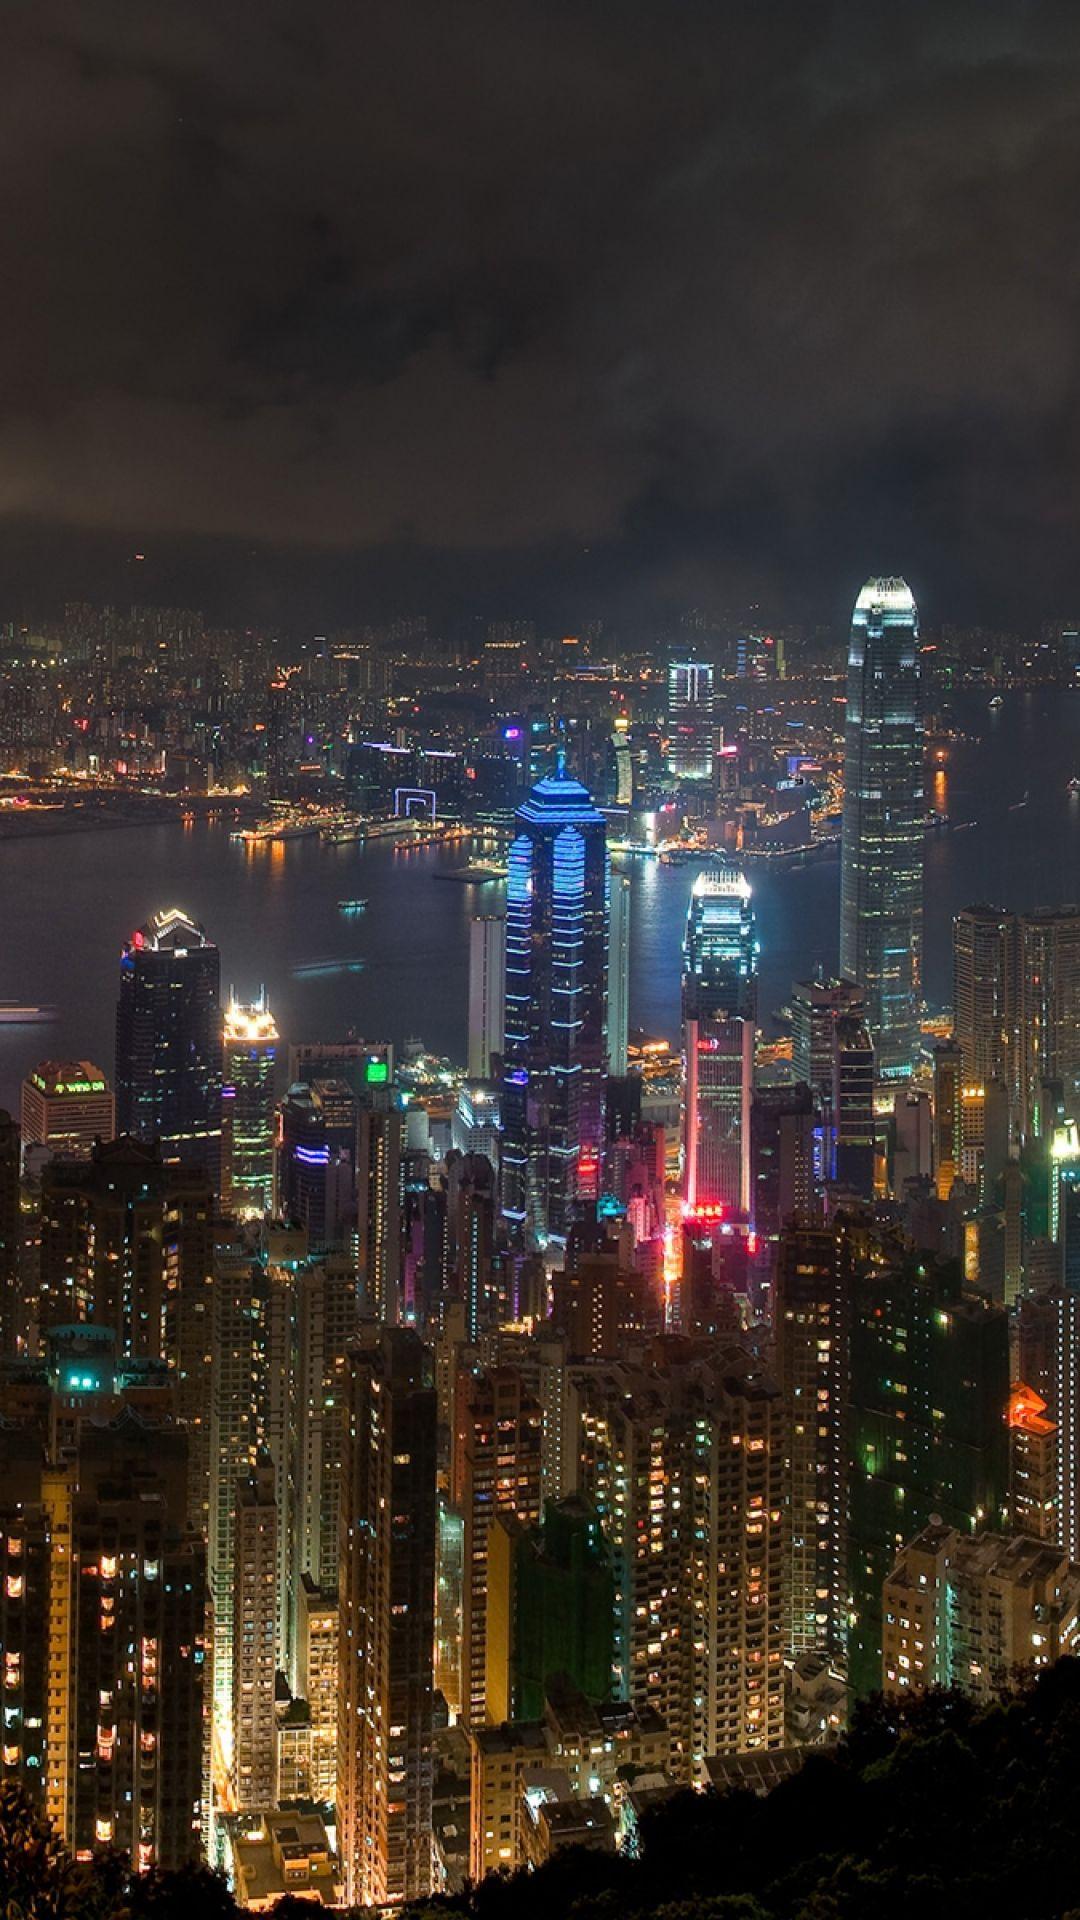 Hong Kong City Night Landscape Night Landscape City City Landscape